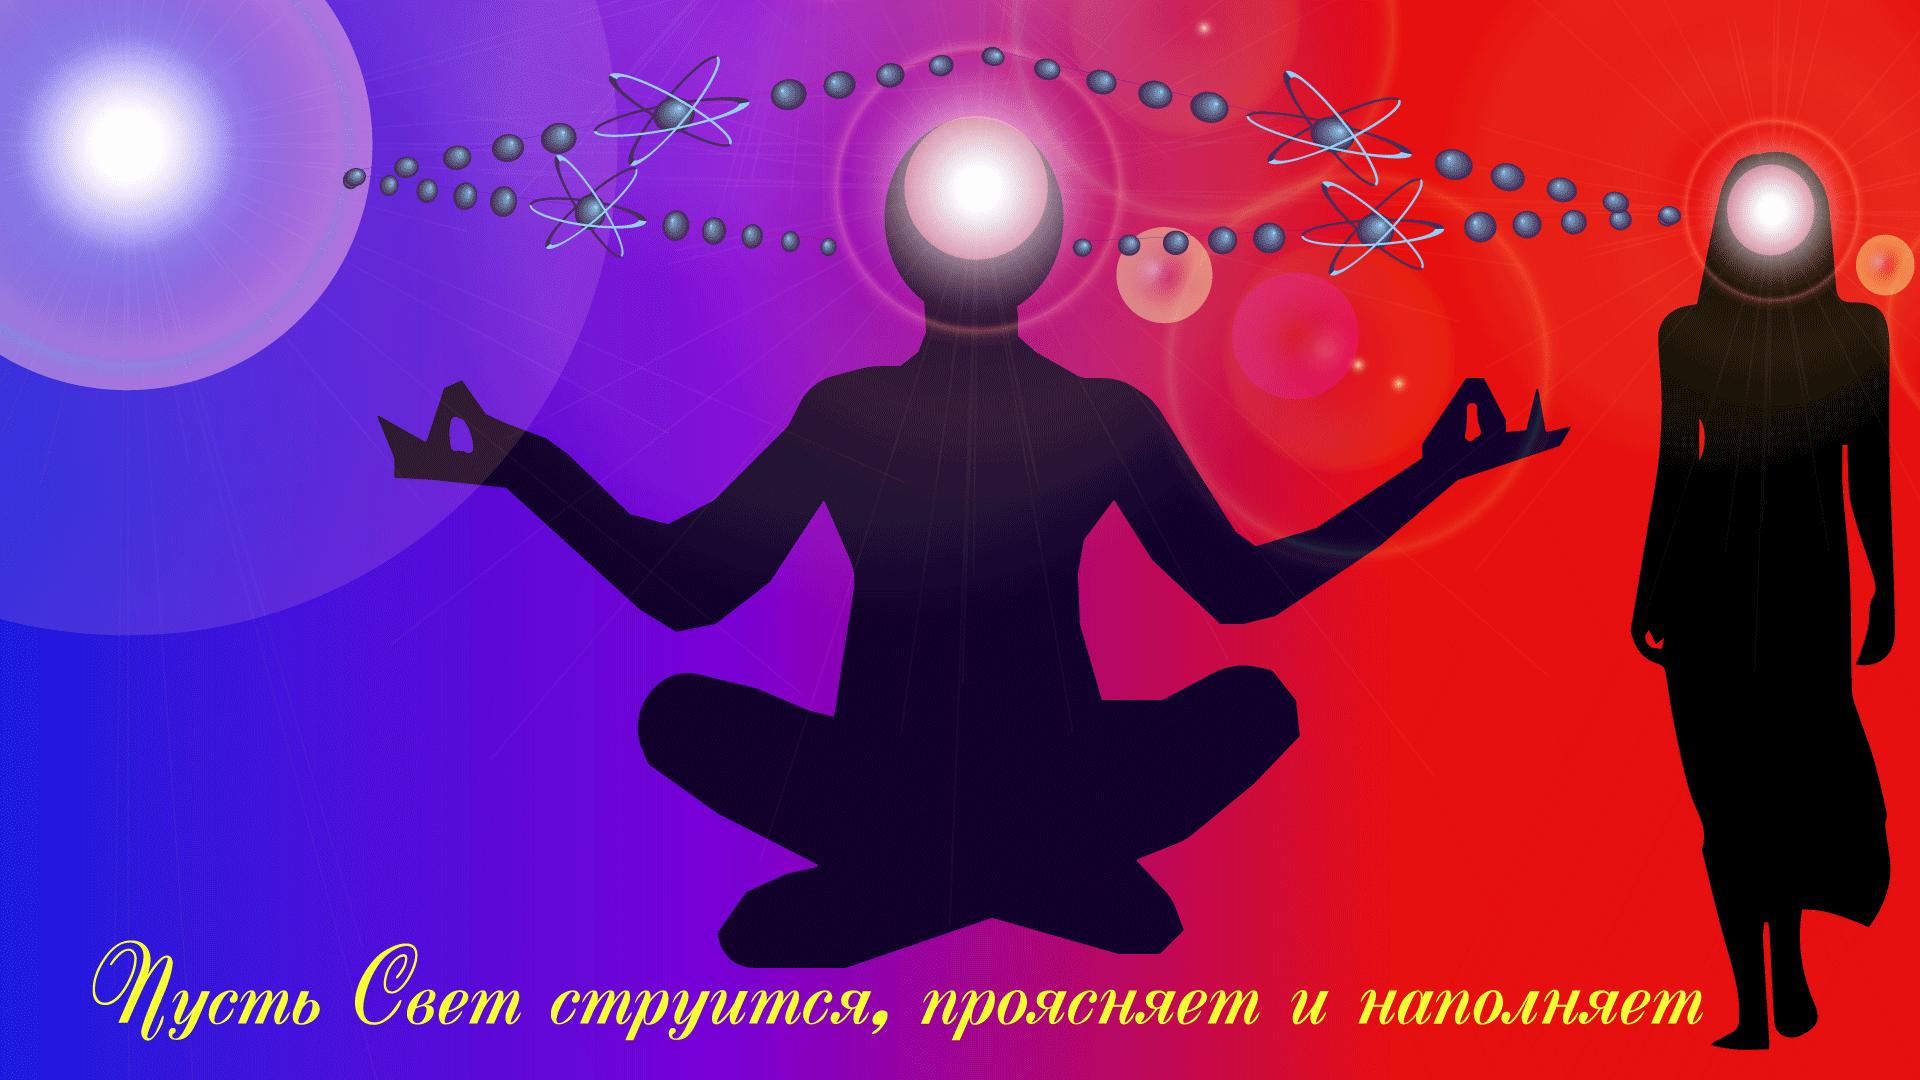 Нужны привлекательные иллюстрации к практике ТриНити фото f_9505b46067e1729a.png